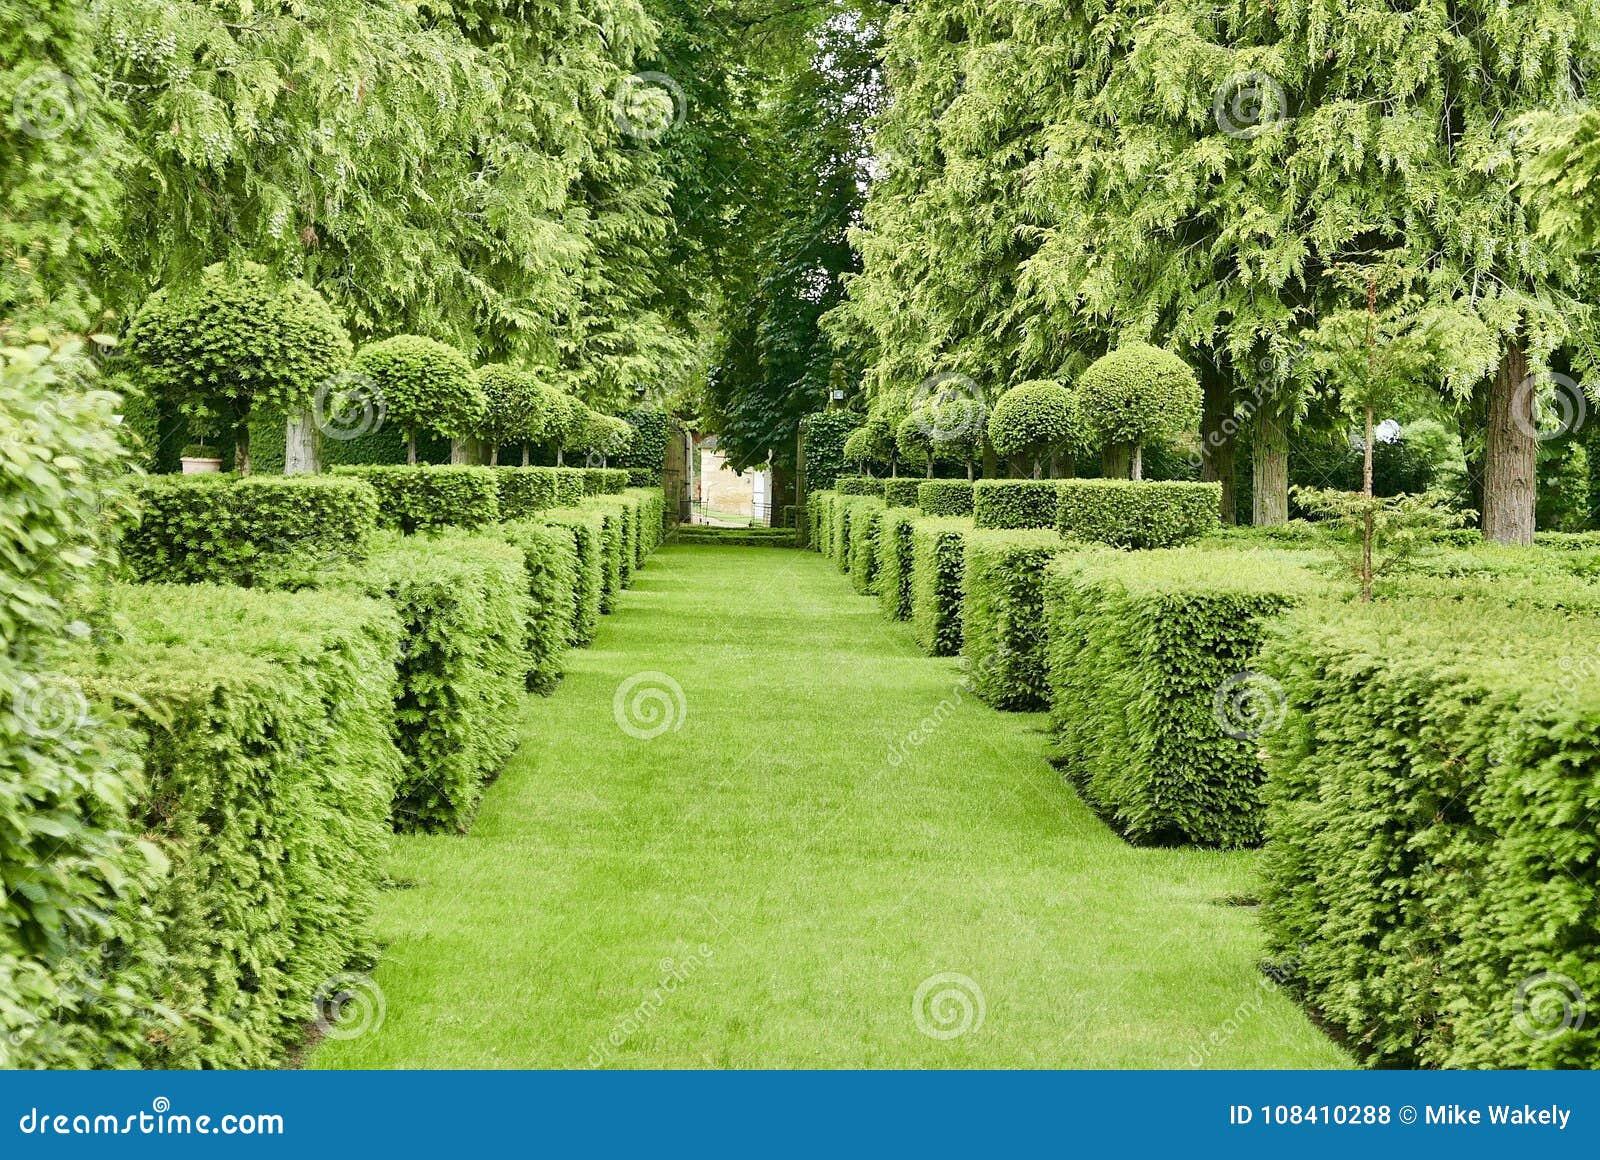 Manicured garden at Manor d'Eyrignac